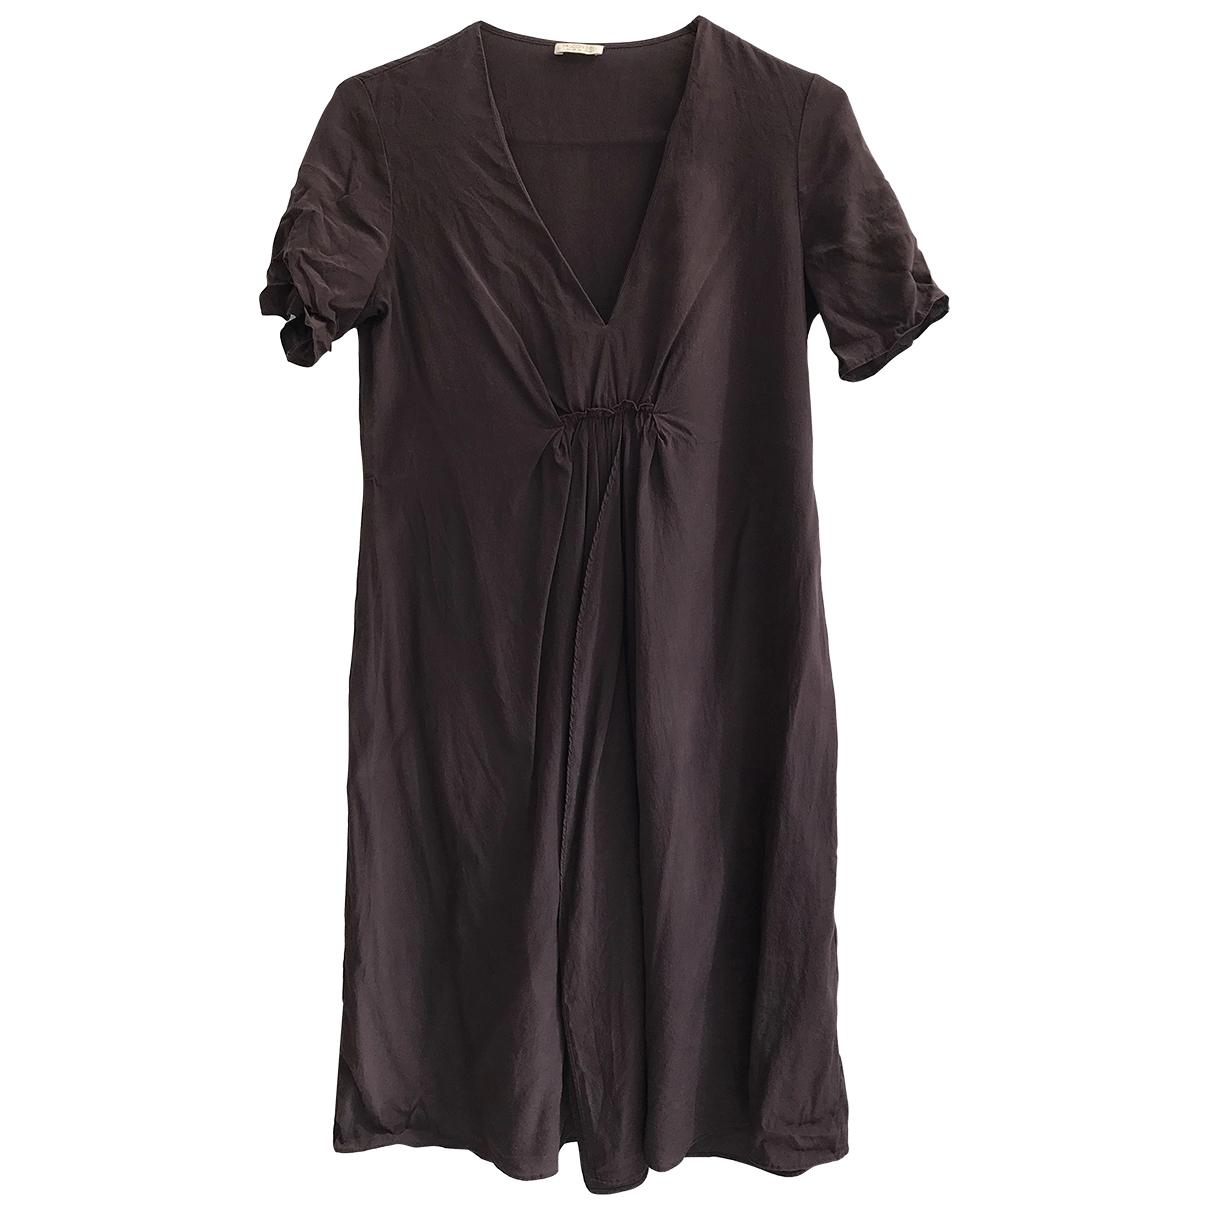 Falconeri \N Kleid in  Braun Seide